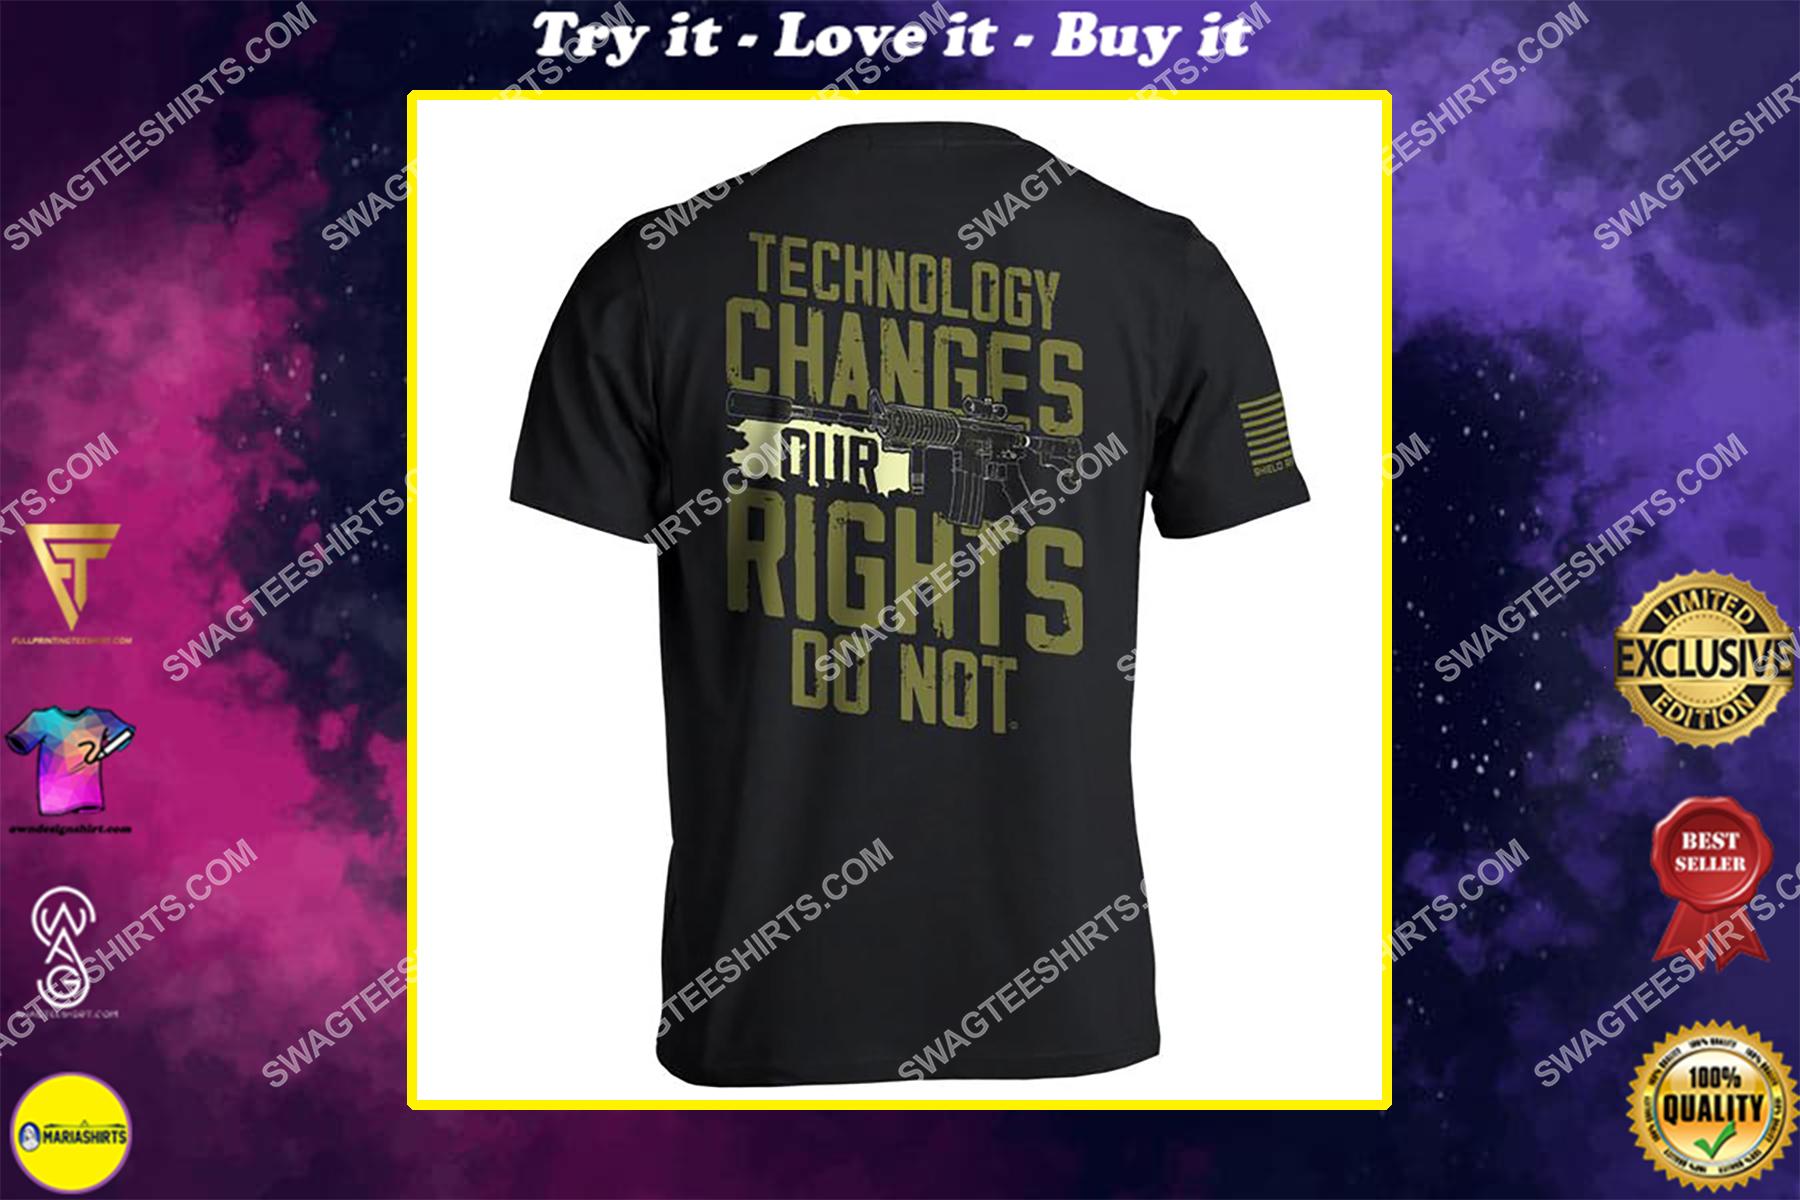 technology changes rights do not gun control political shirt